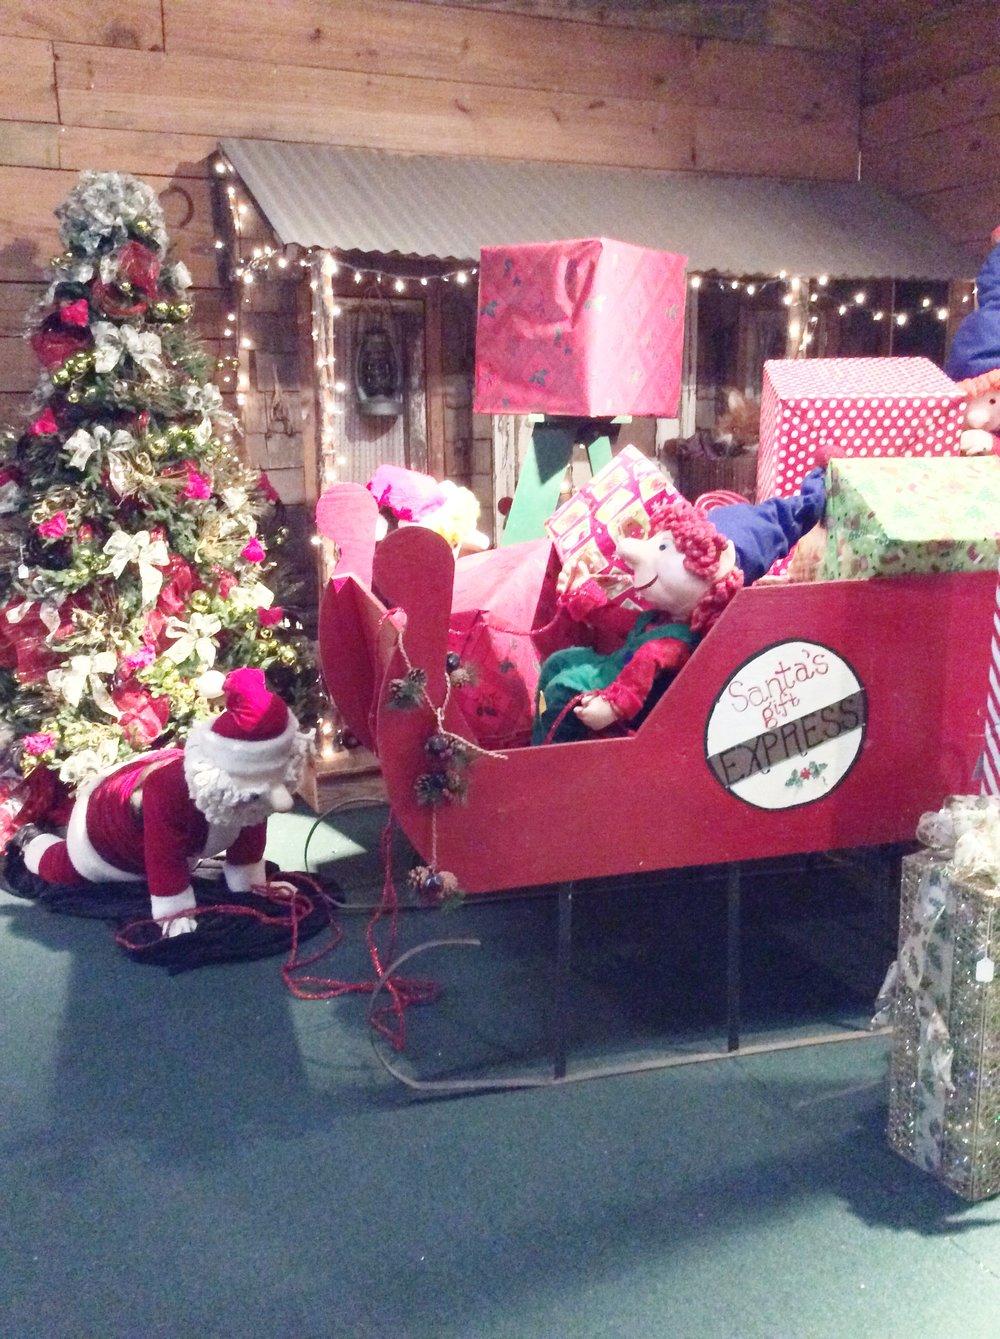 Santa's Gift Express